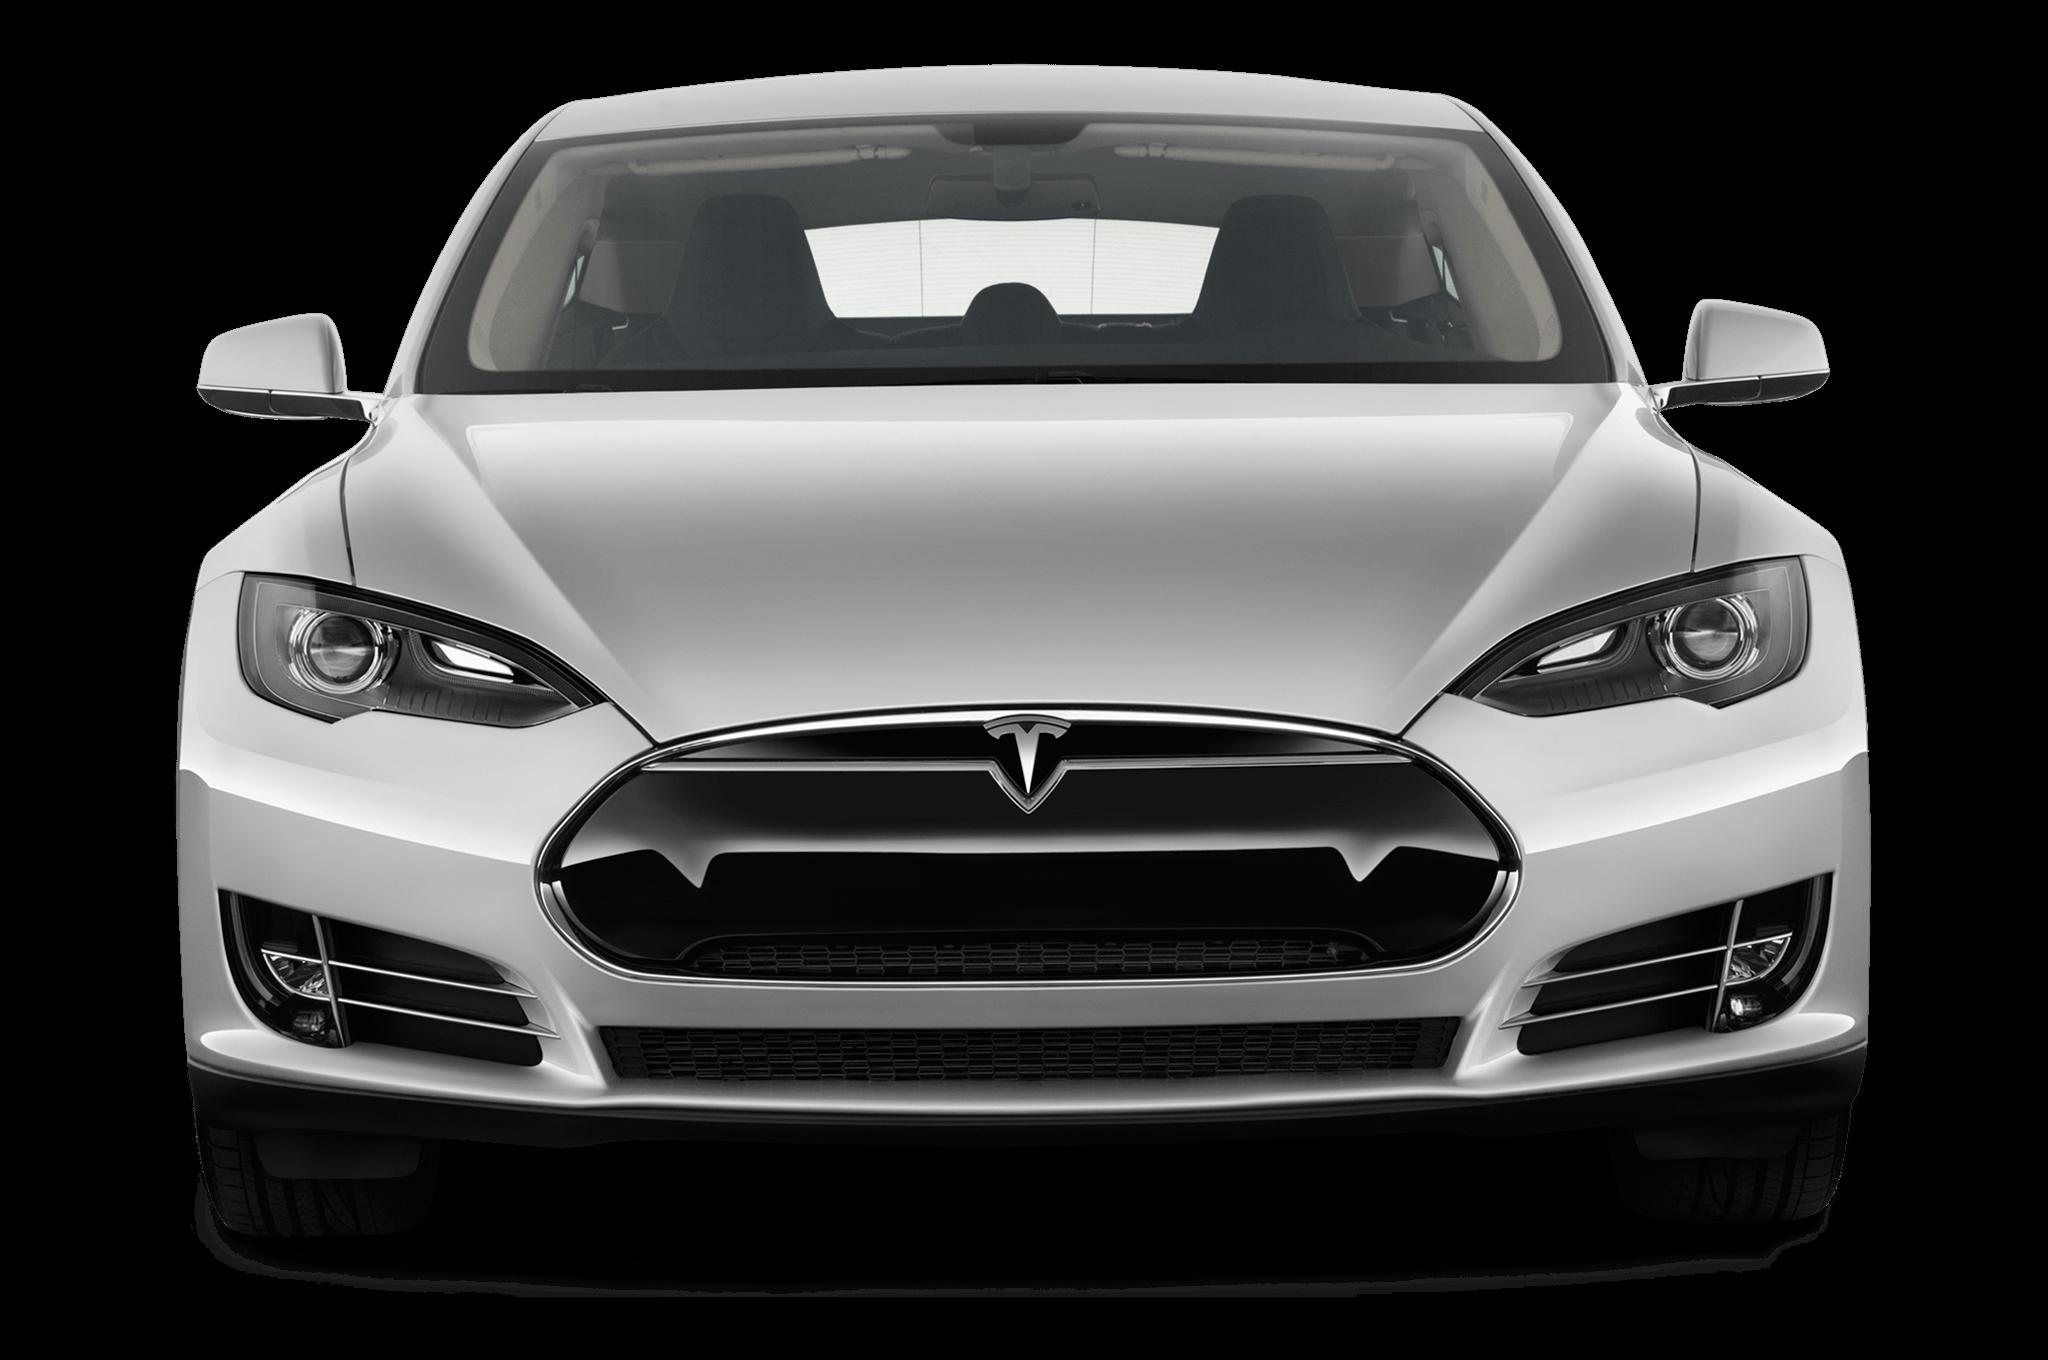 Tesla Model S Hd Clipart.